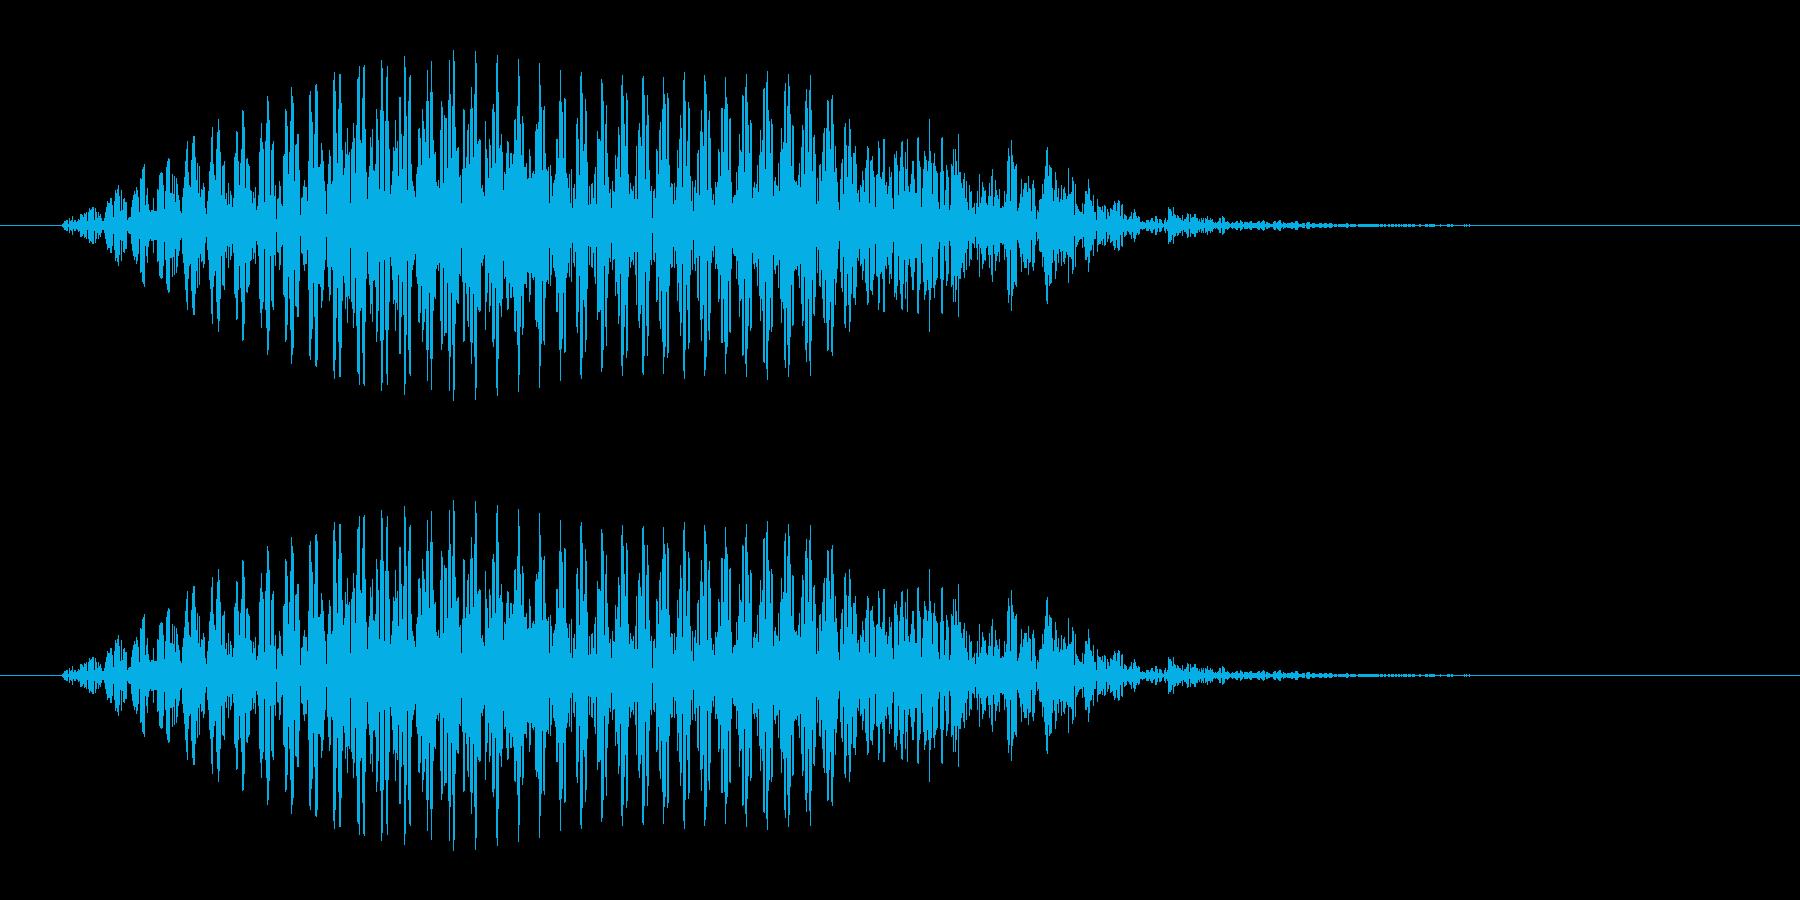 アシカがオォッ、と鳴く声の再生済みの波形